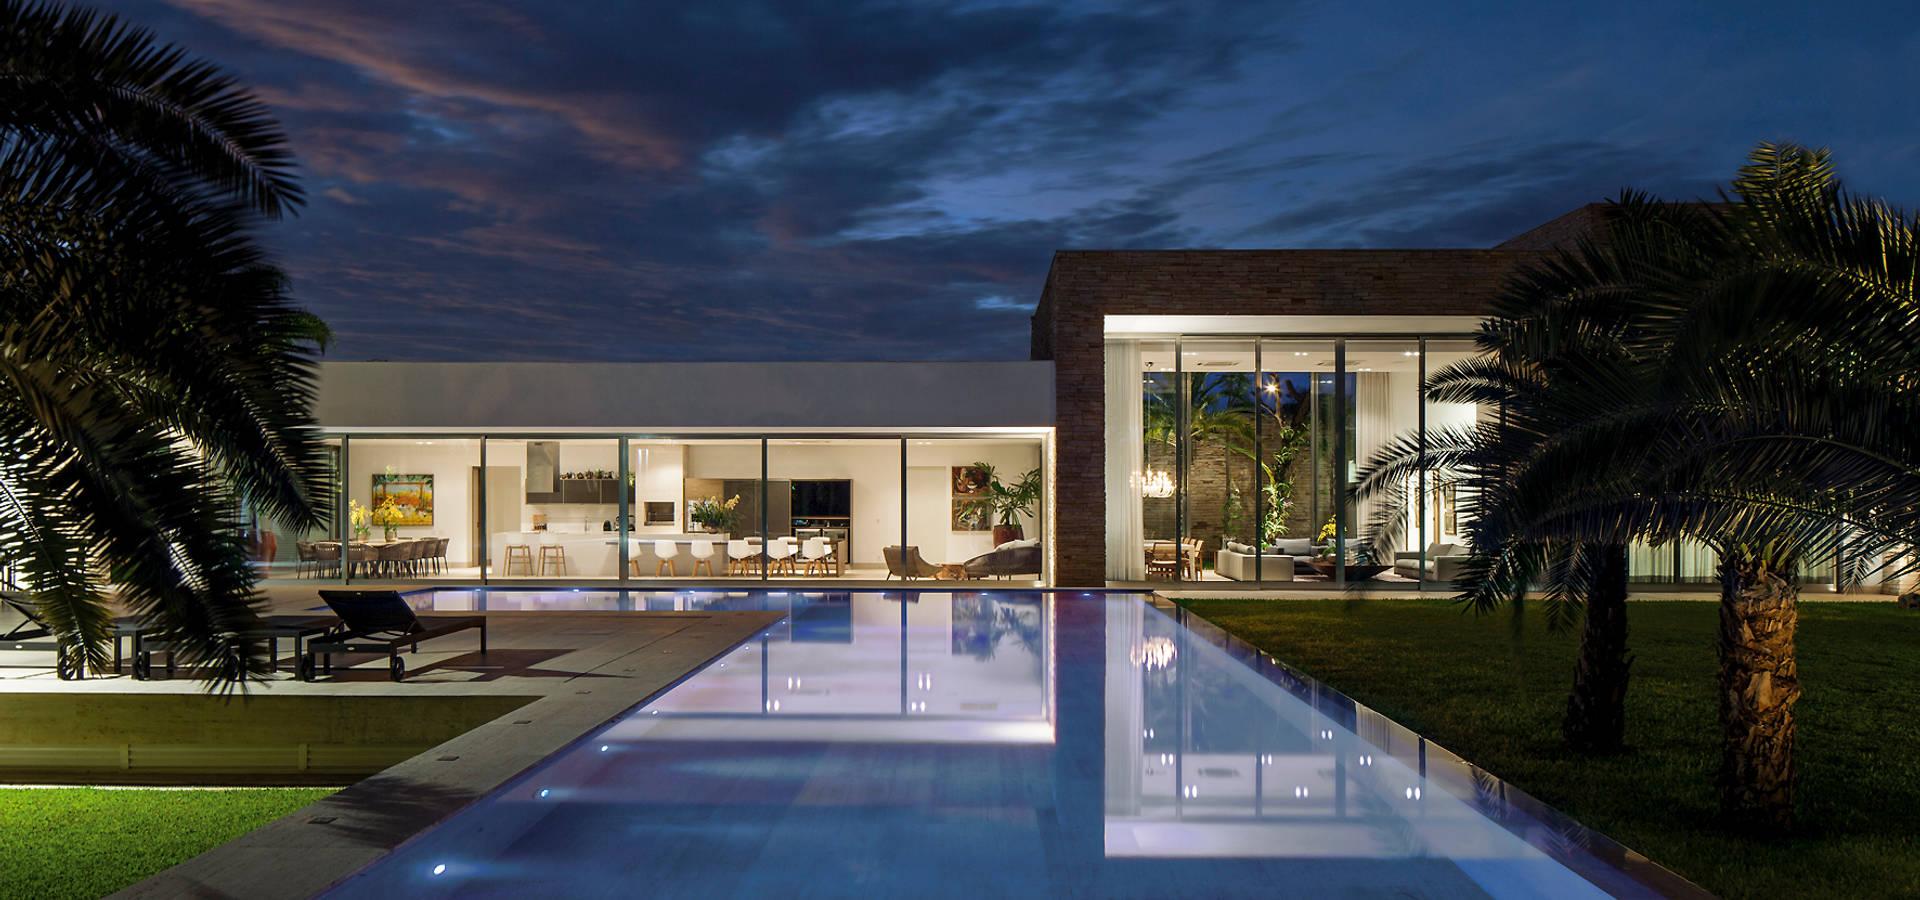 Aguirre Arquitetura